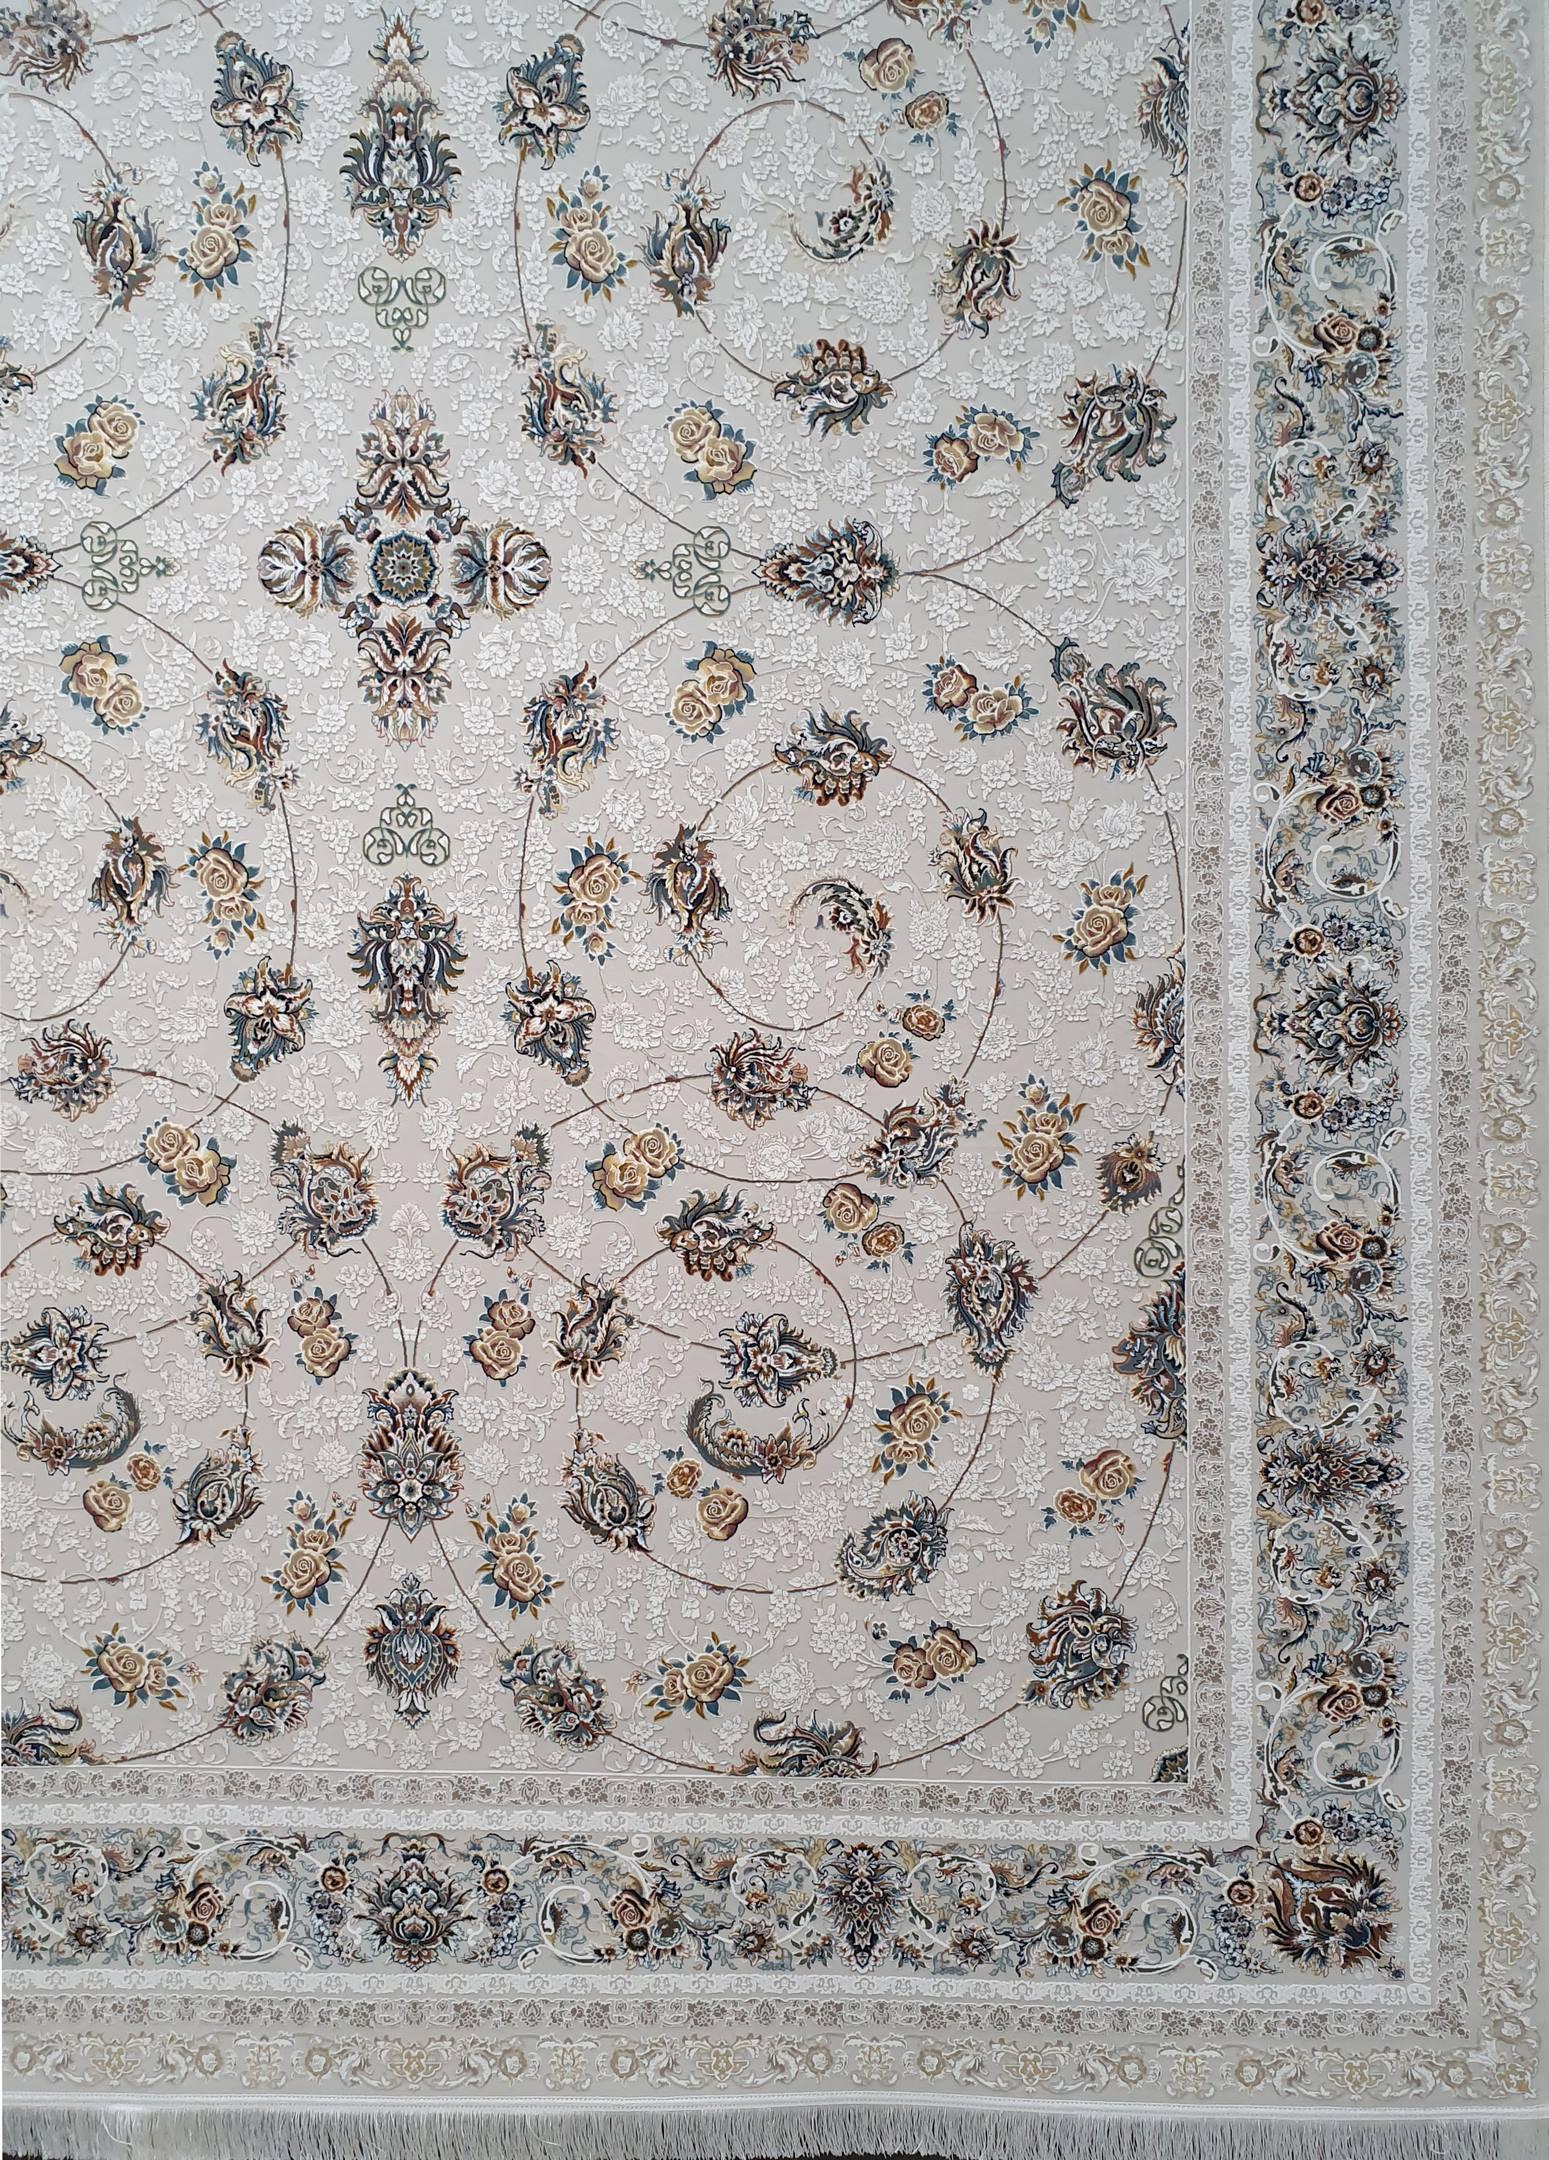 فرش گلسرخ گلبرجسته